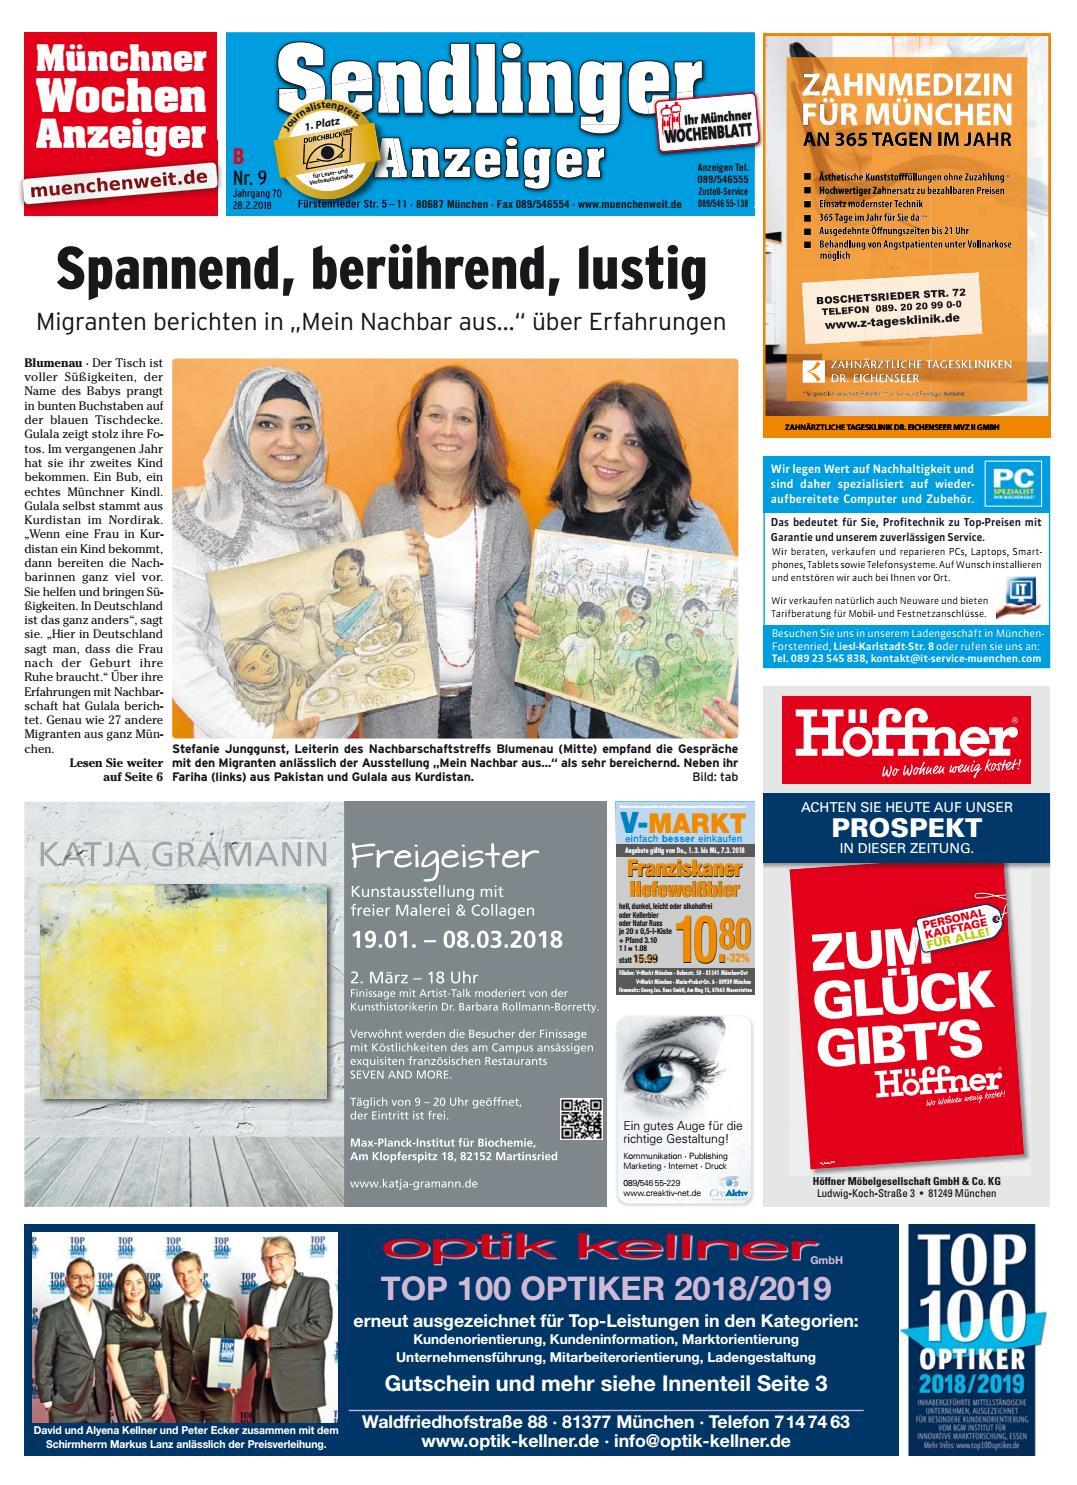 KW 09-2018 by Wochenanzeiger Medien GmbH - issuu